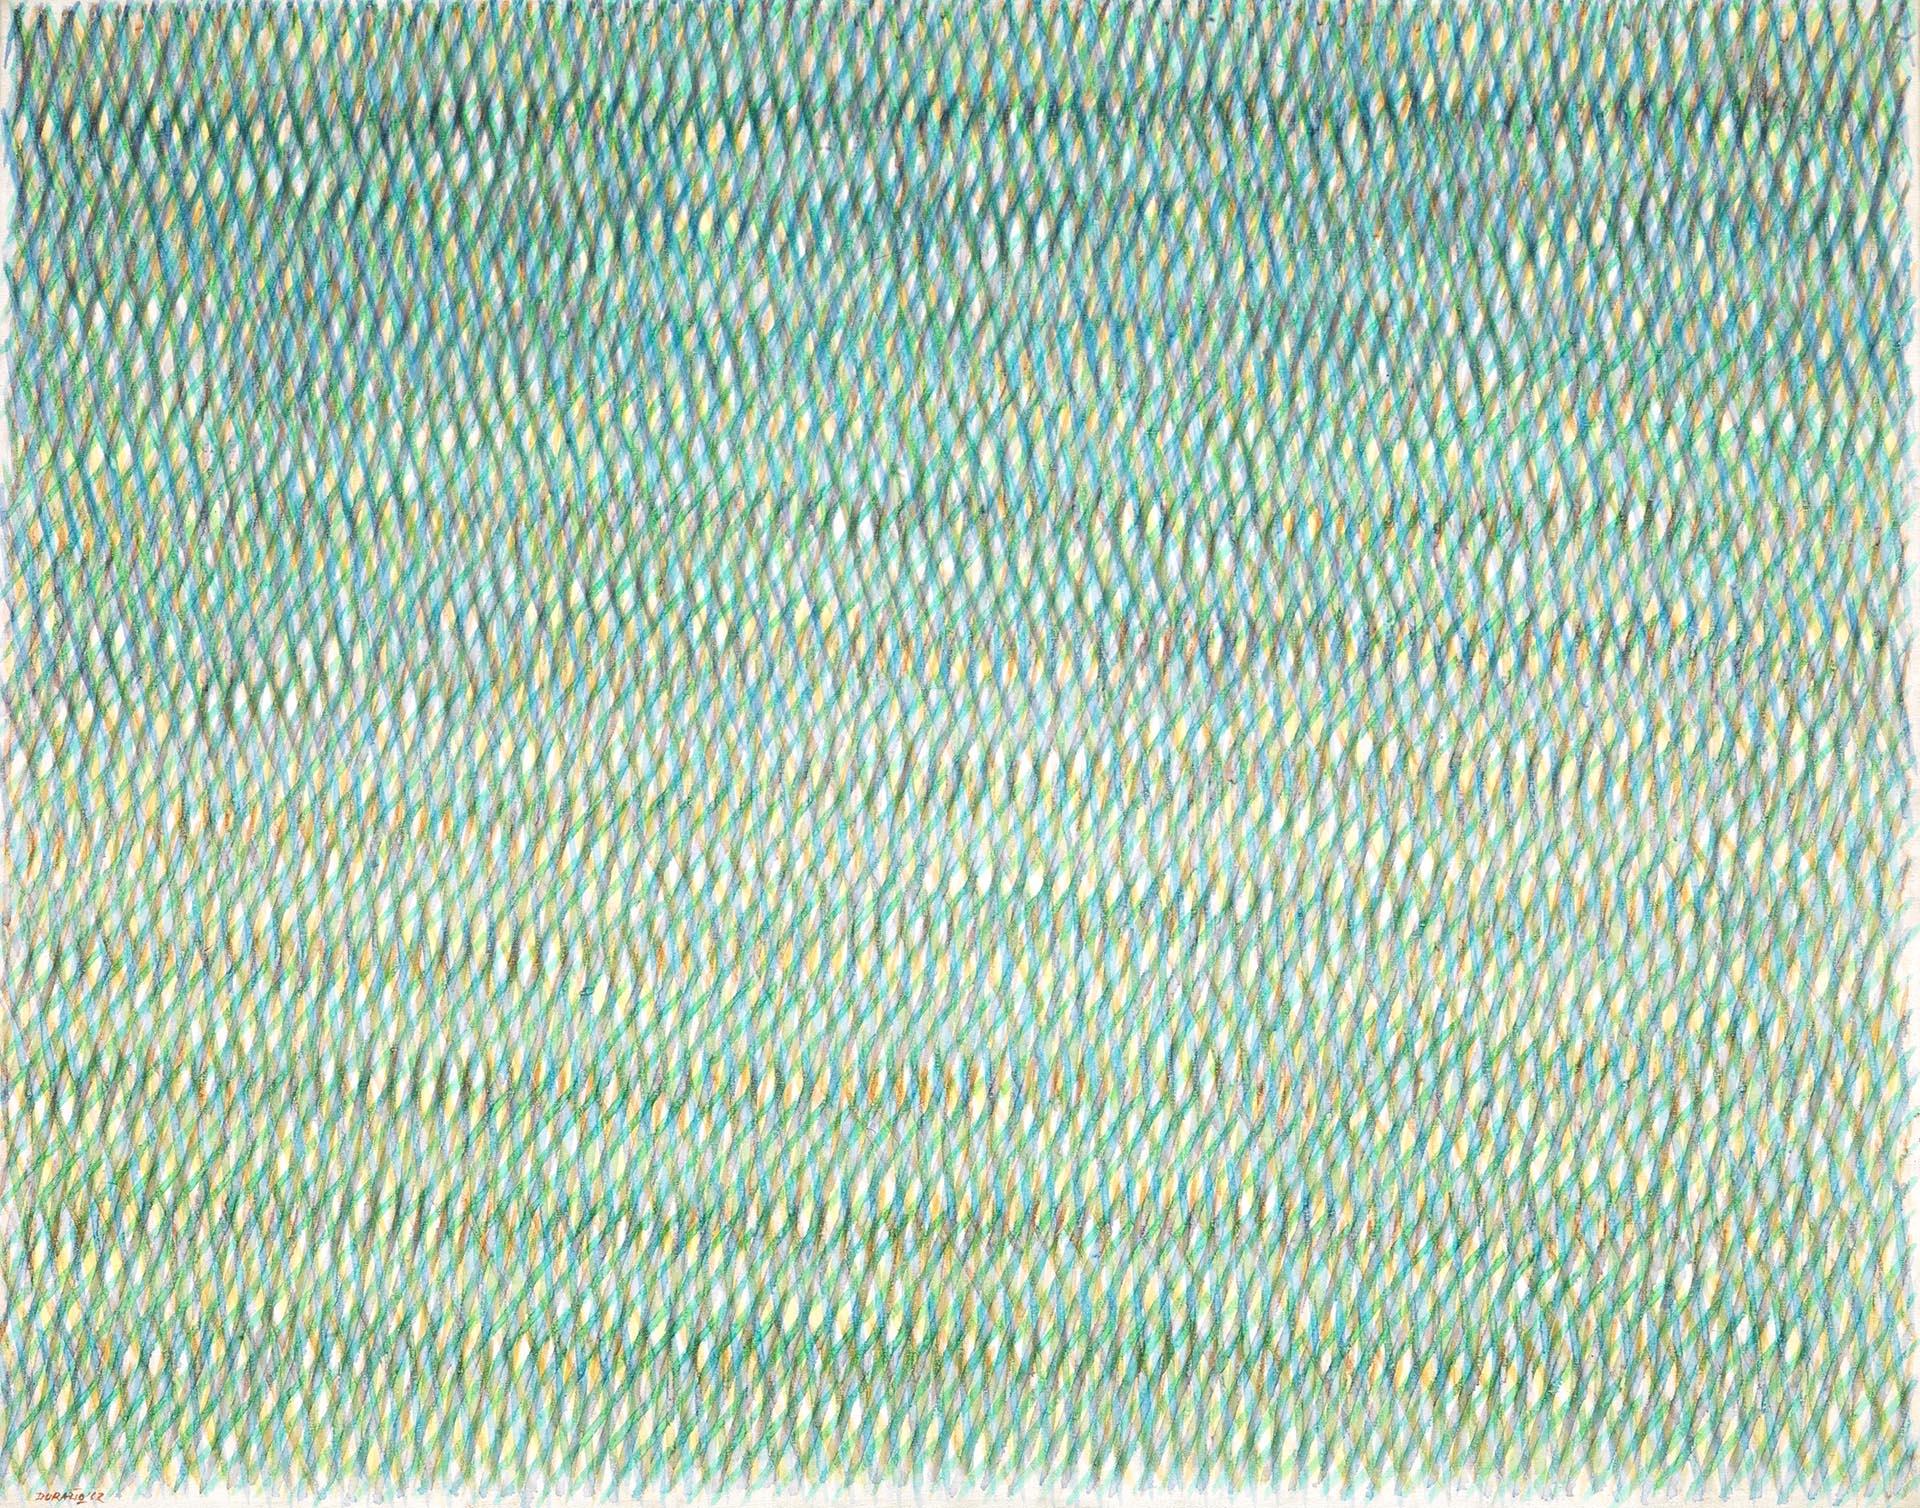 Dorazio_Jeux-de-distance_1962_81x100-cm-tif